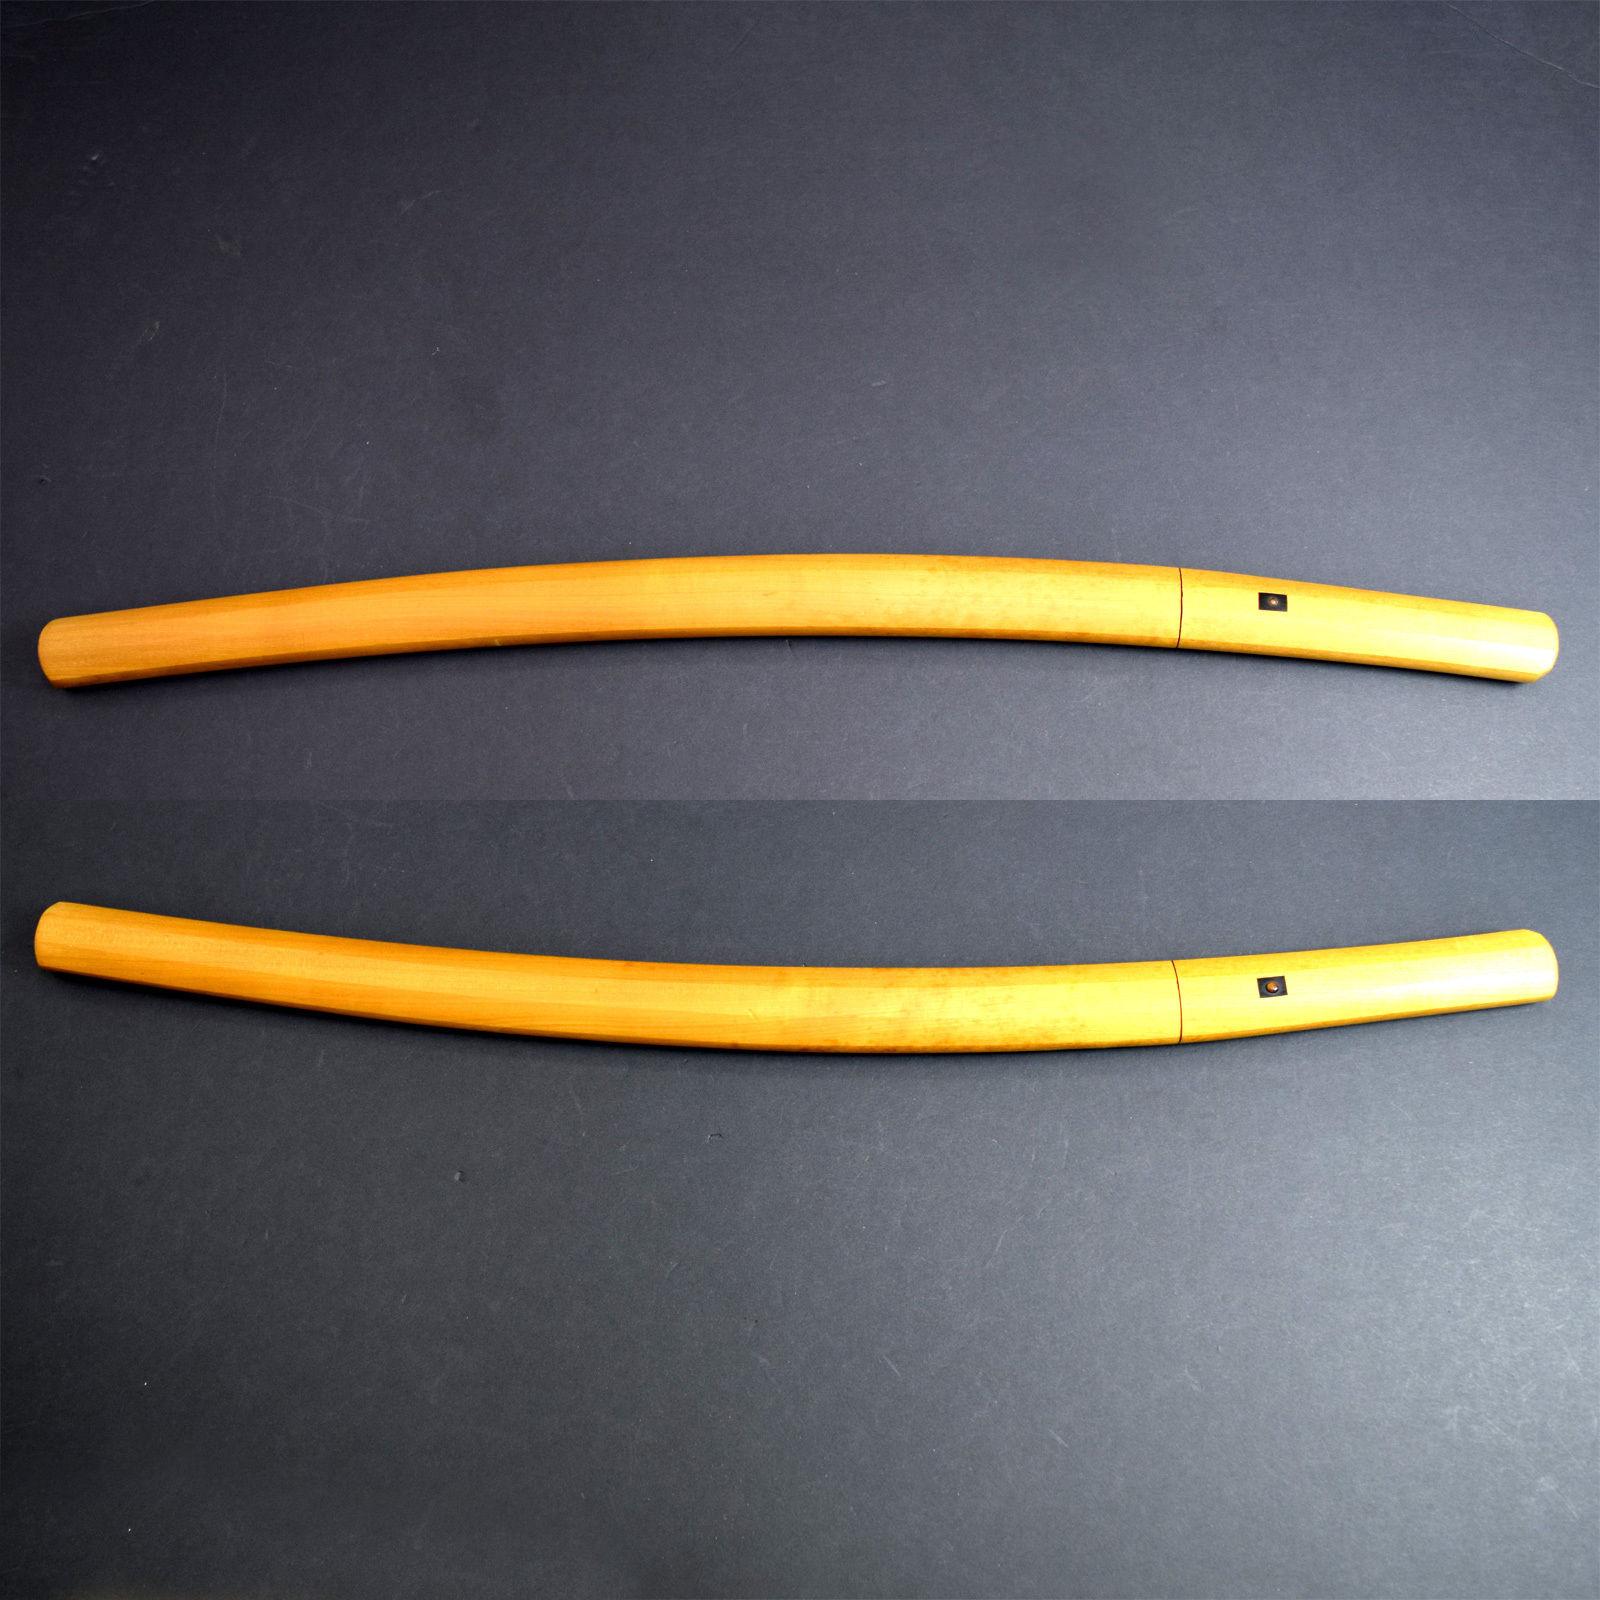 s-l1600 (6)